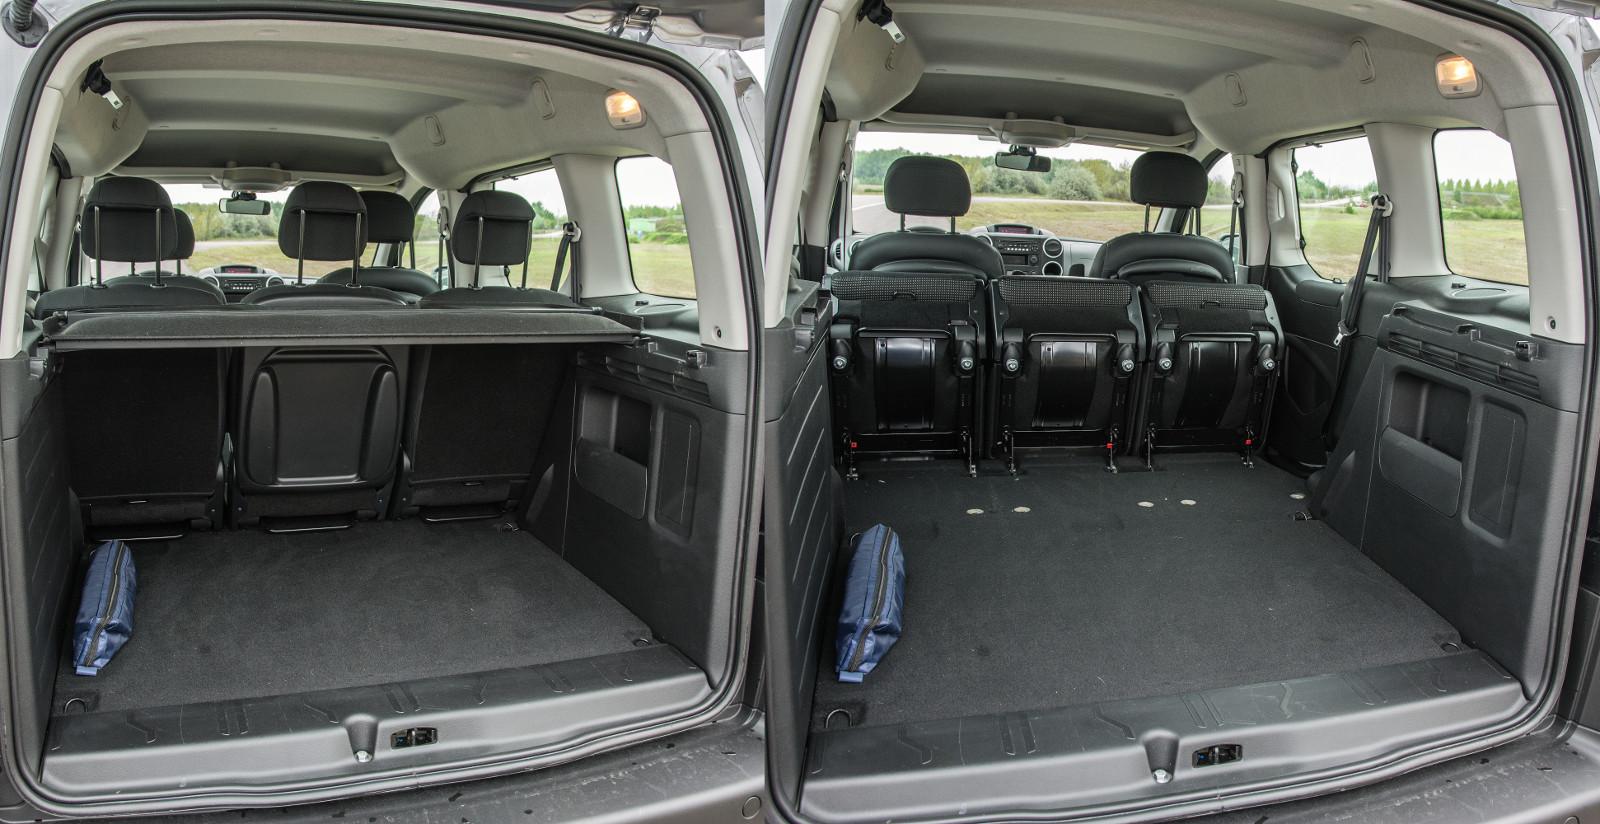 Alaphelyzetben is óriási a csomagtartó, az ülések előrebillenthetők és kivehetők